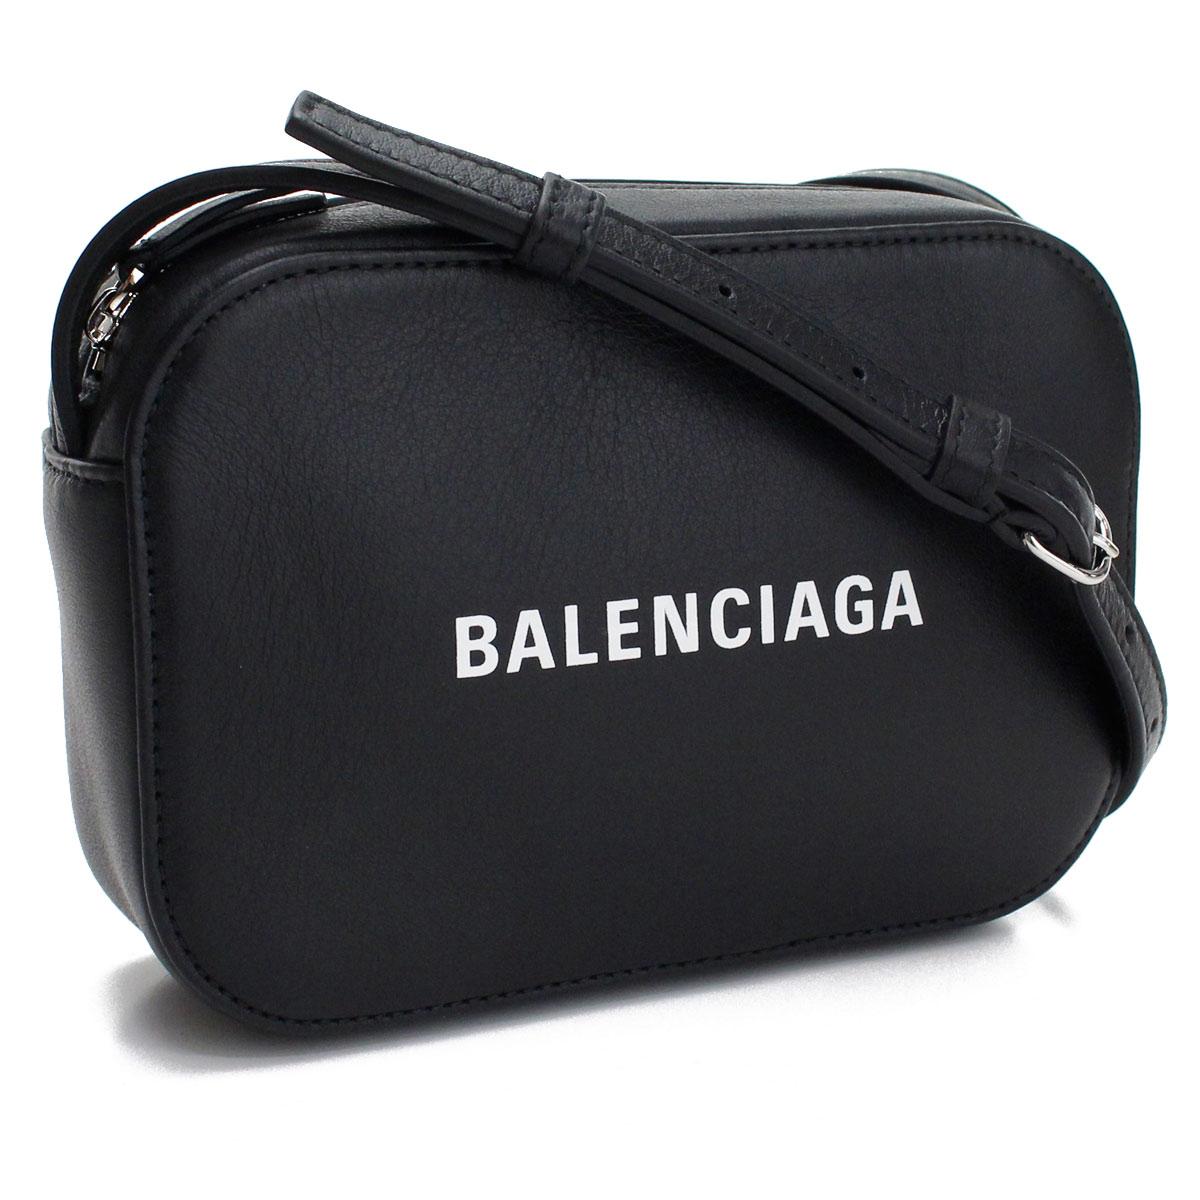 バレンシアガ BALENCIAGA EVERYDAY エブリデイ CAMERA XS 斜め掛け ショルダーバッグ カメラバッグ 552372 DLQ4N 1000 ブラック レディース